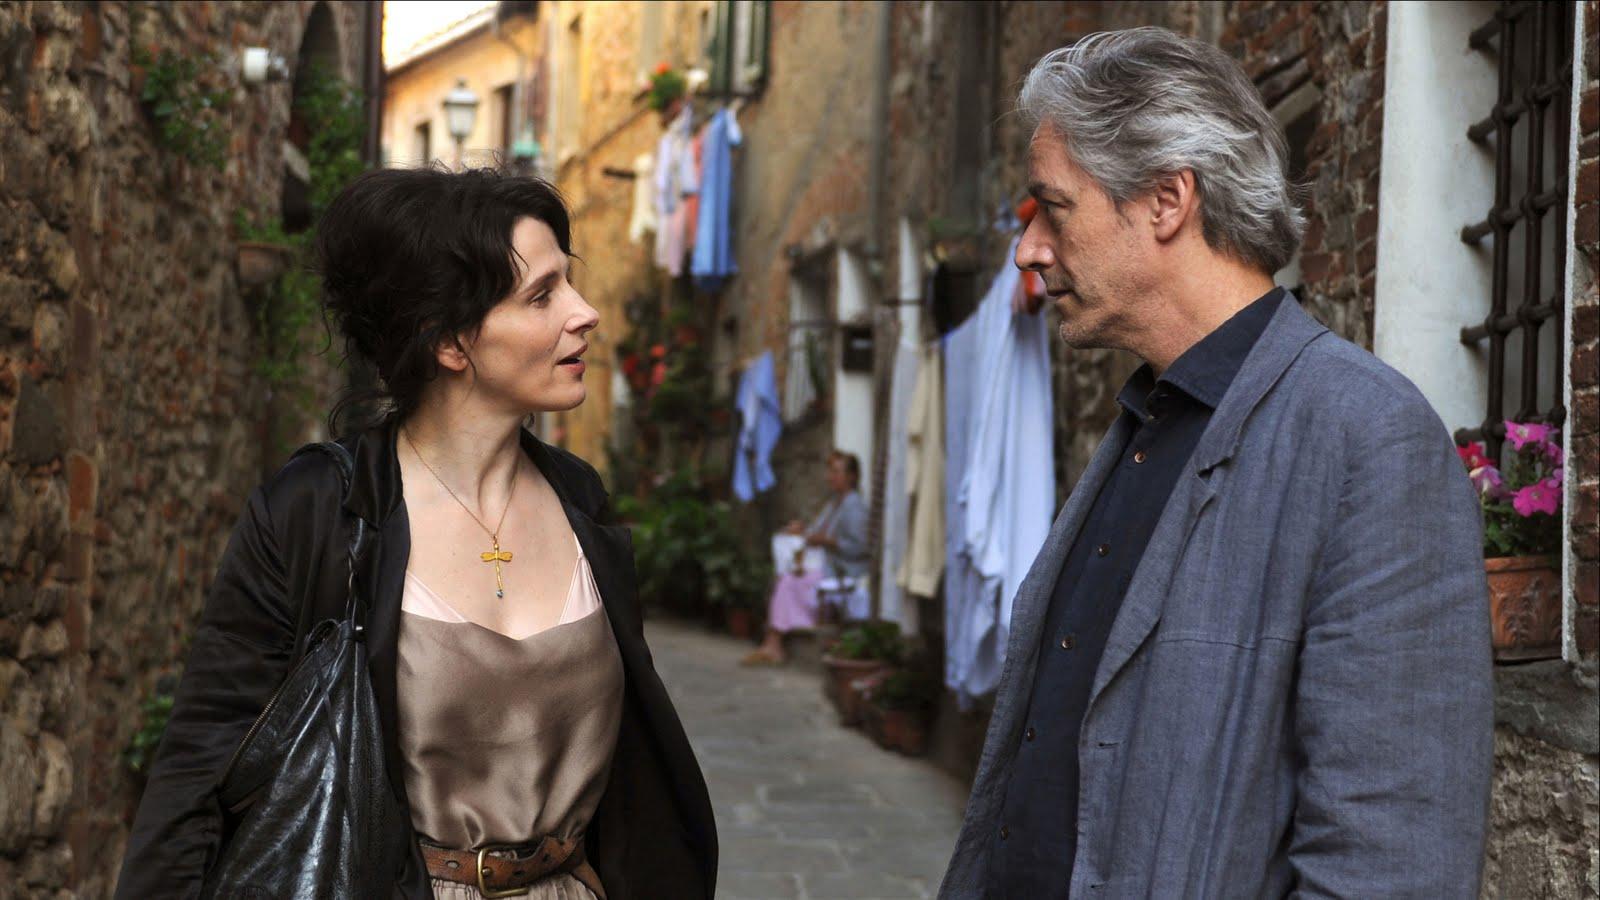 Toskania w filmach - zapiski z toskanii